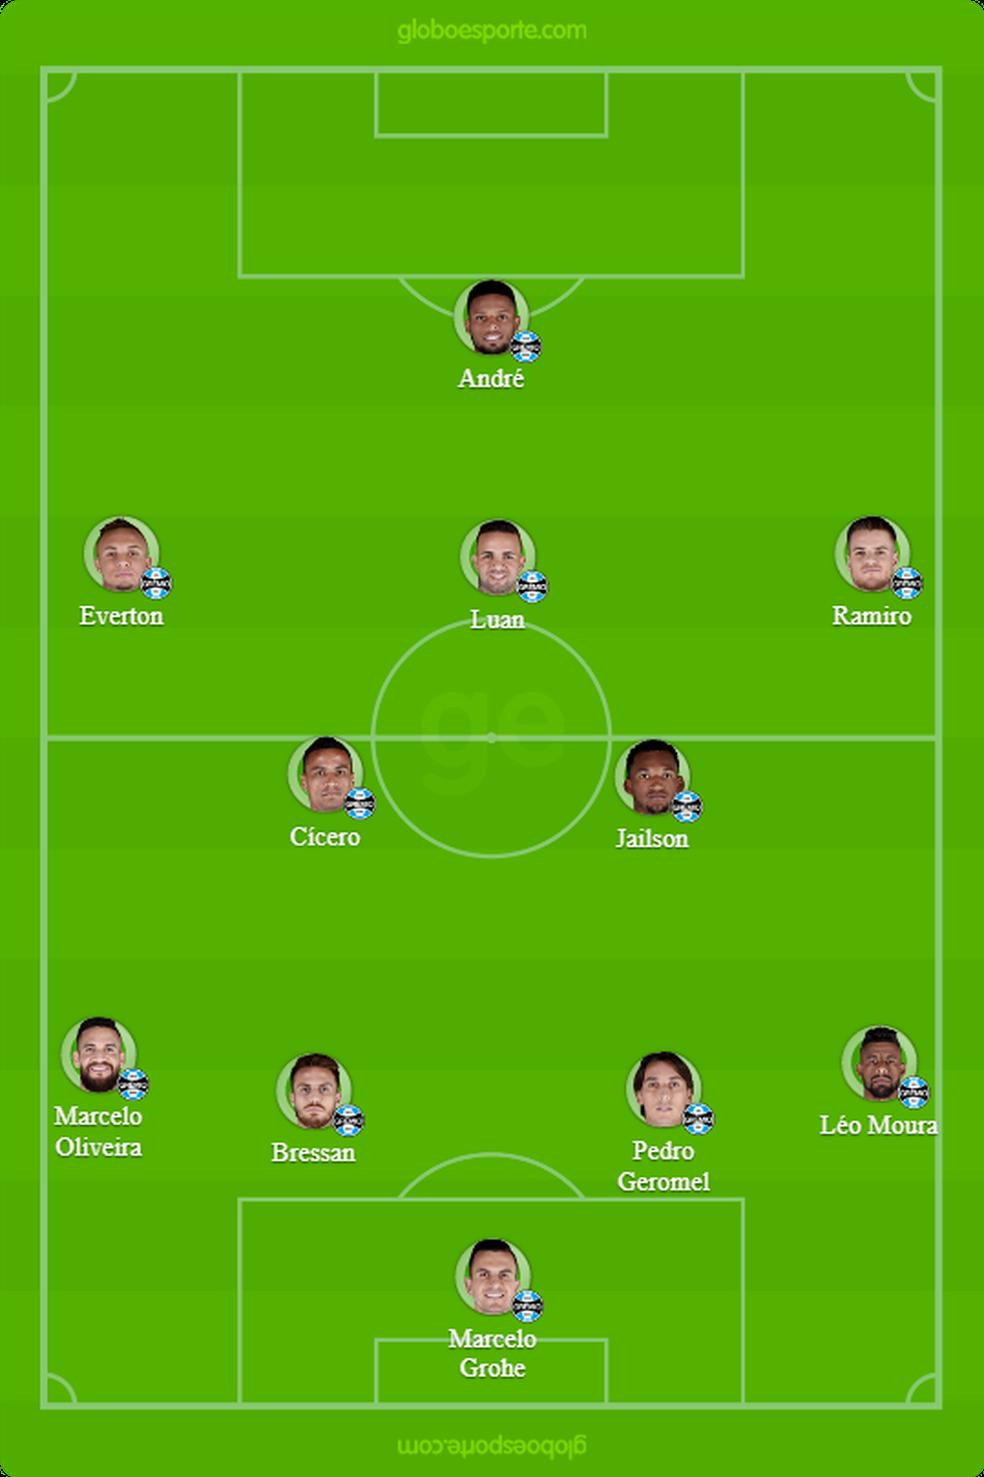 Escalação provável do Grêmio contra o Vasco (Foto: GloboEsporte.com)